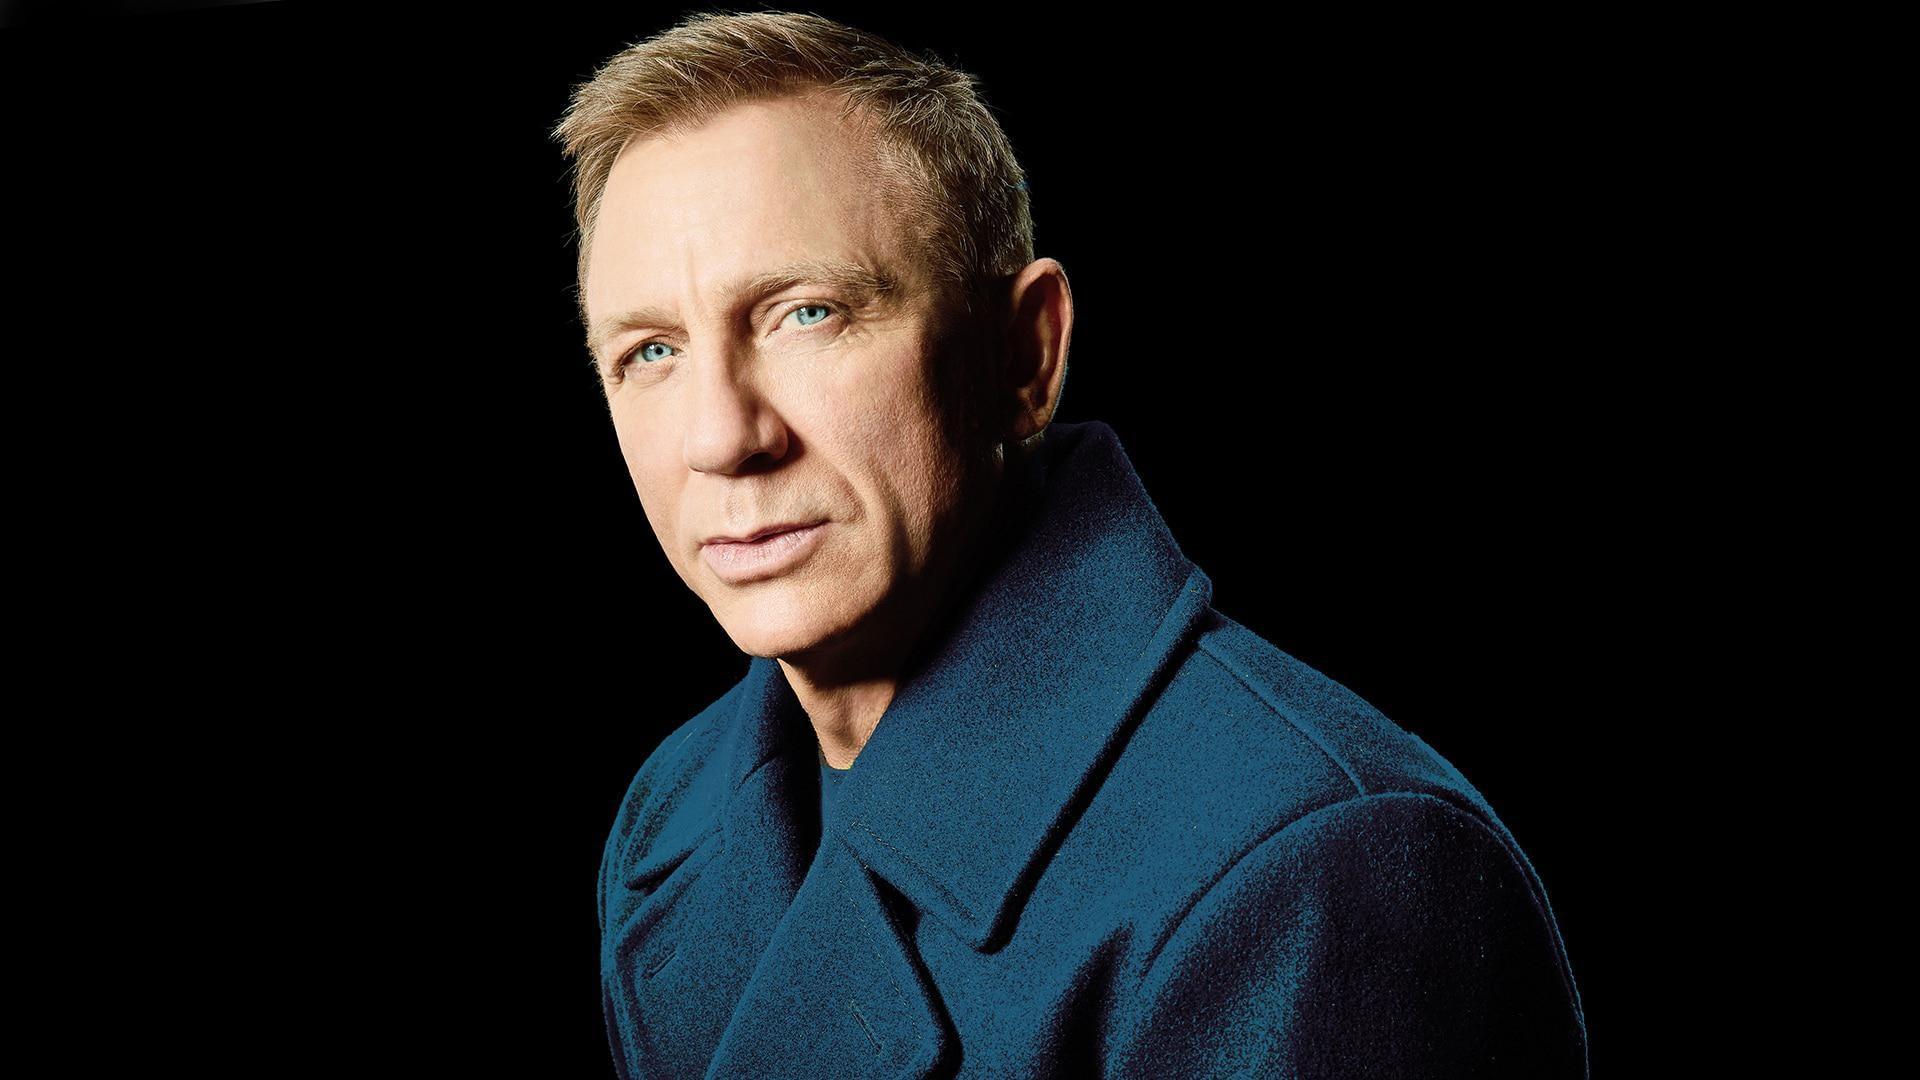 Daniel Craig: March 7, 2020